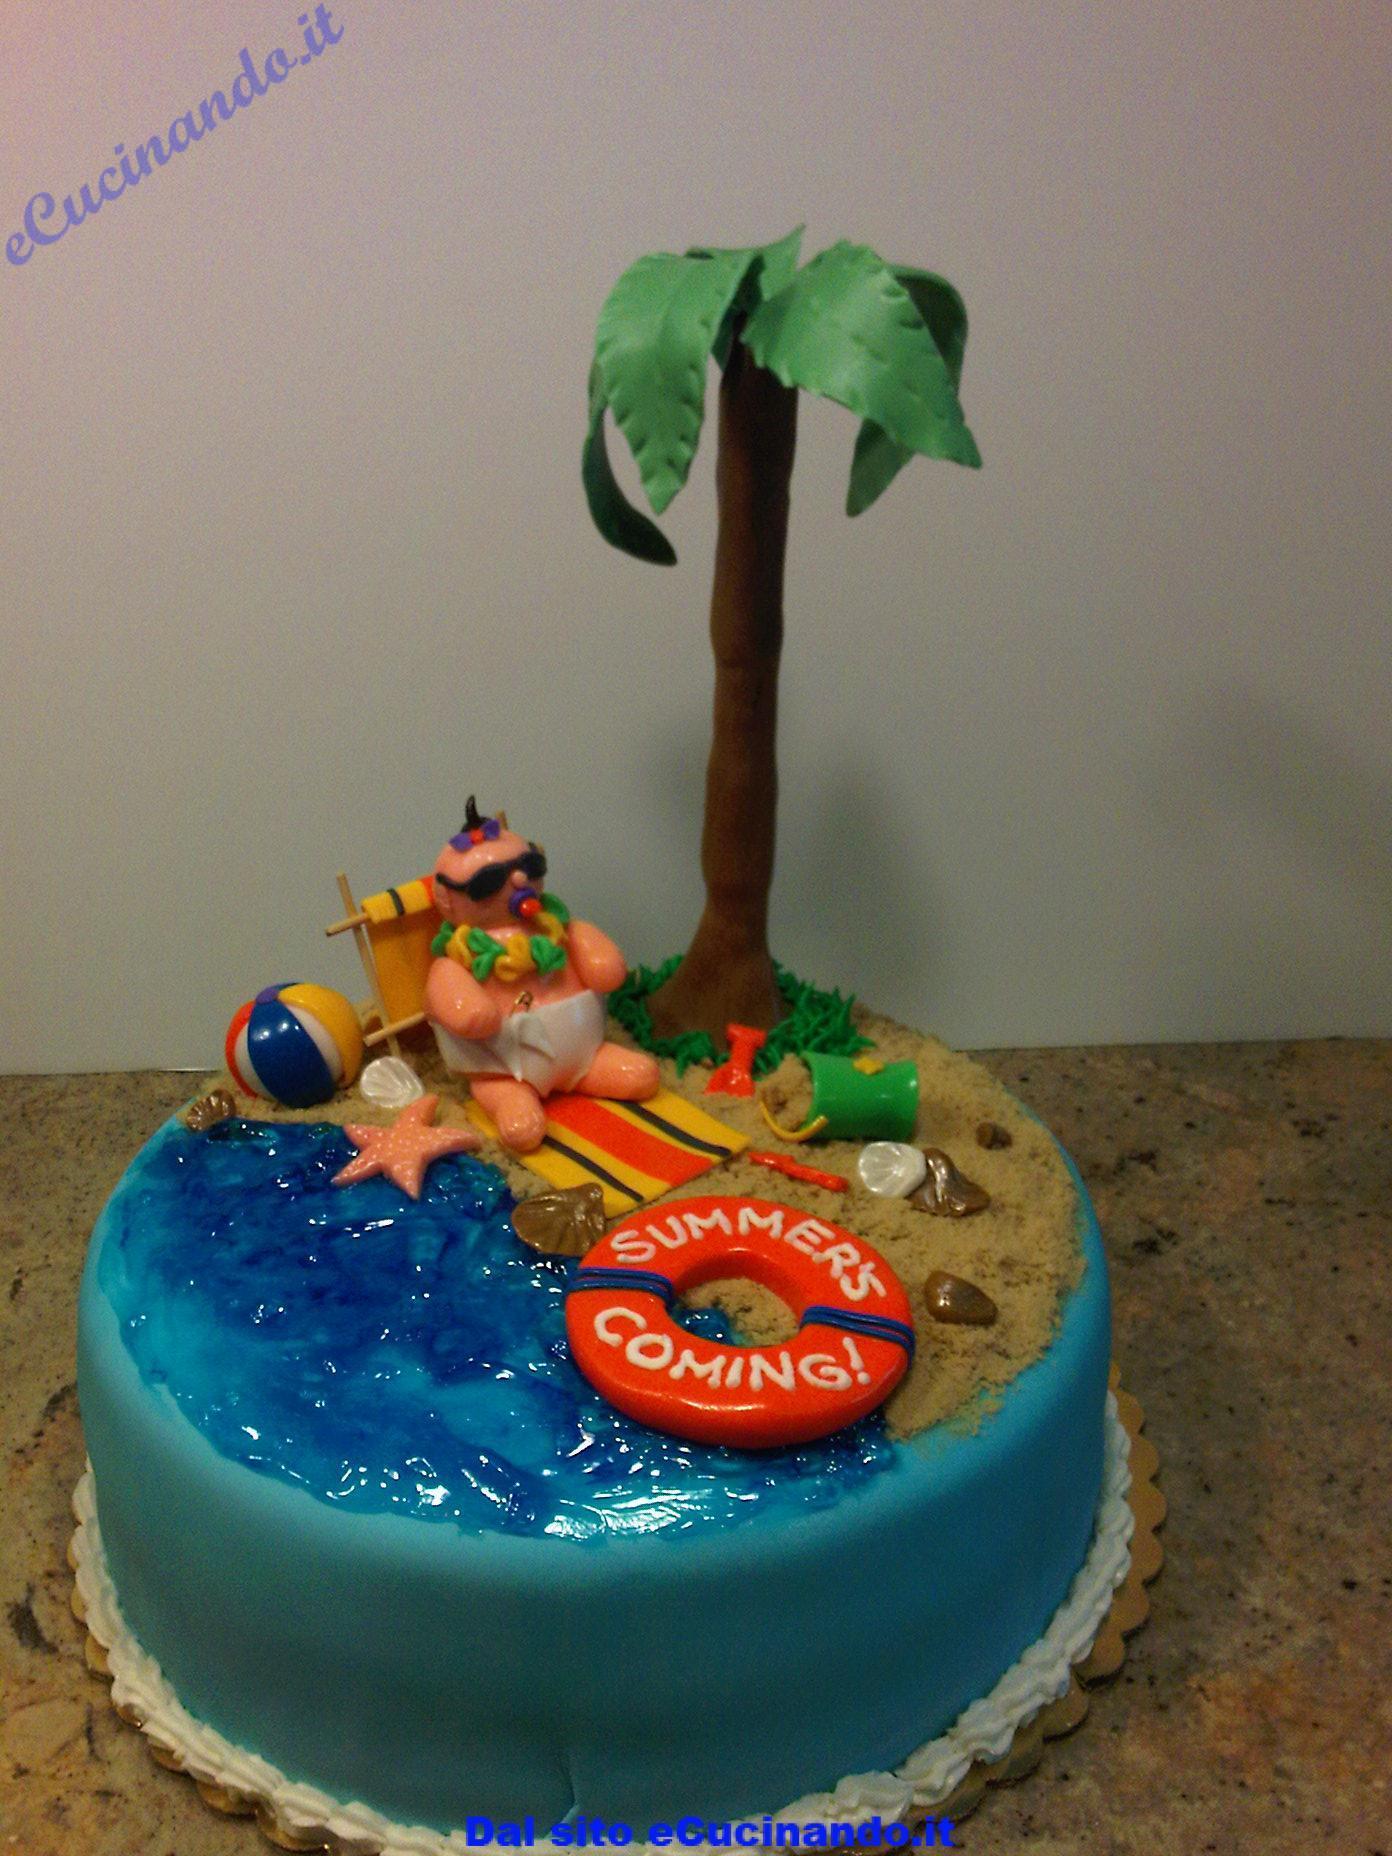 Summer-s-cake